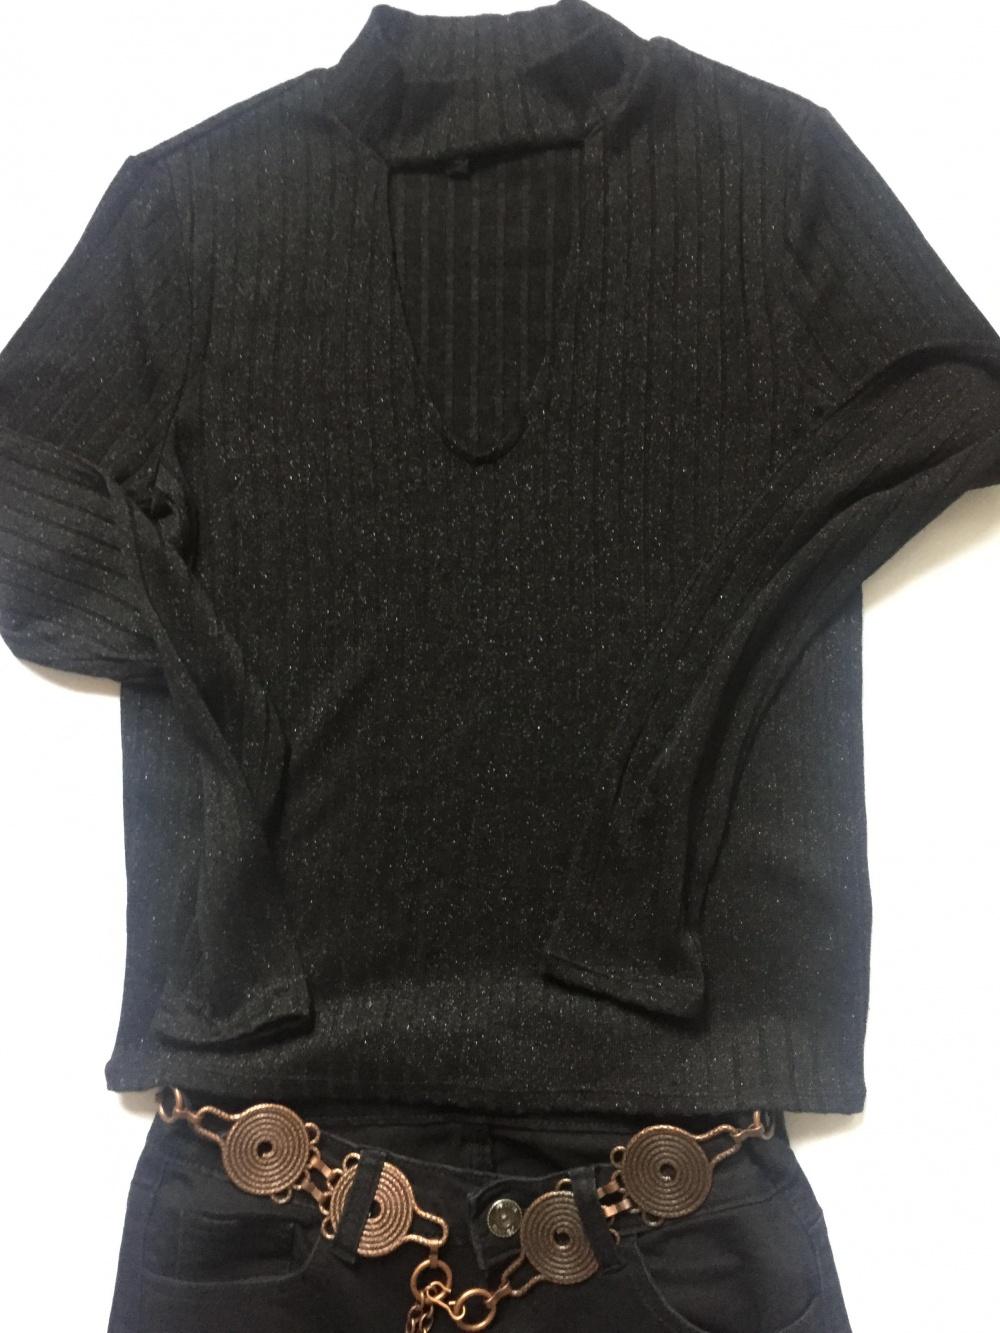 Комплект джинсы скинни Нью йоркер размер 42/44 и свитер нм размер м